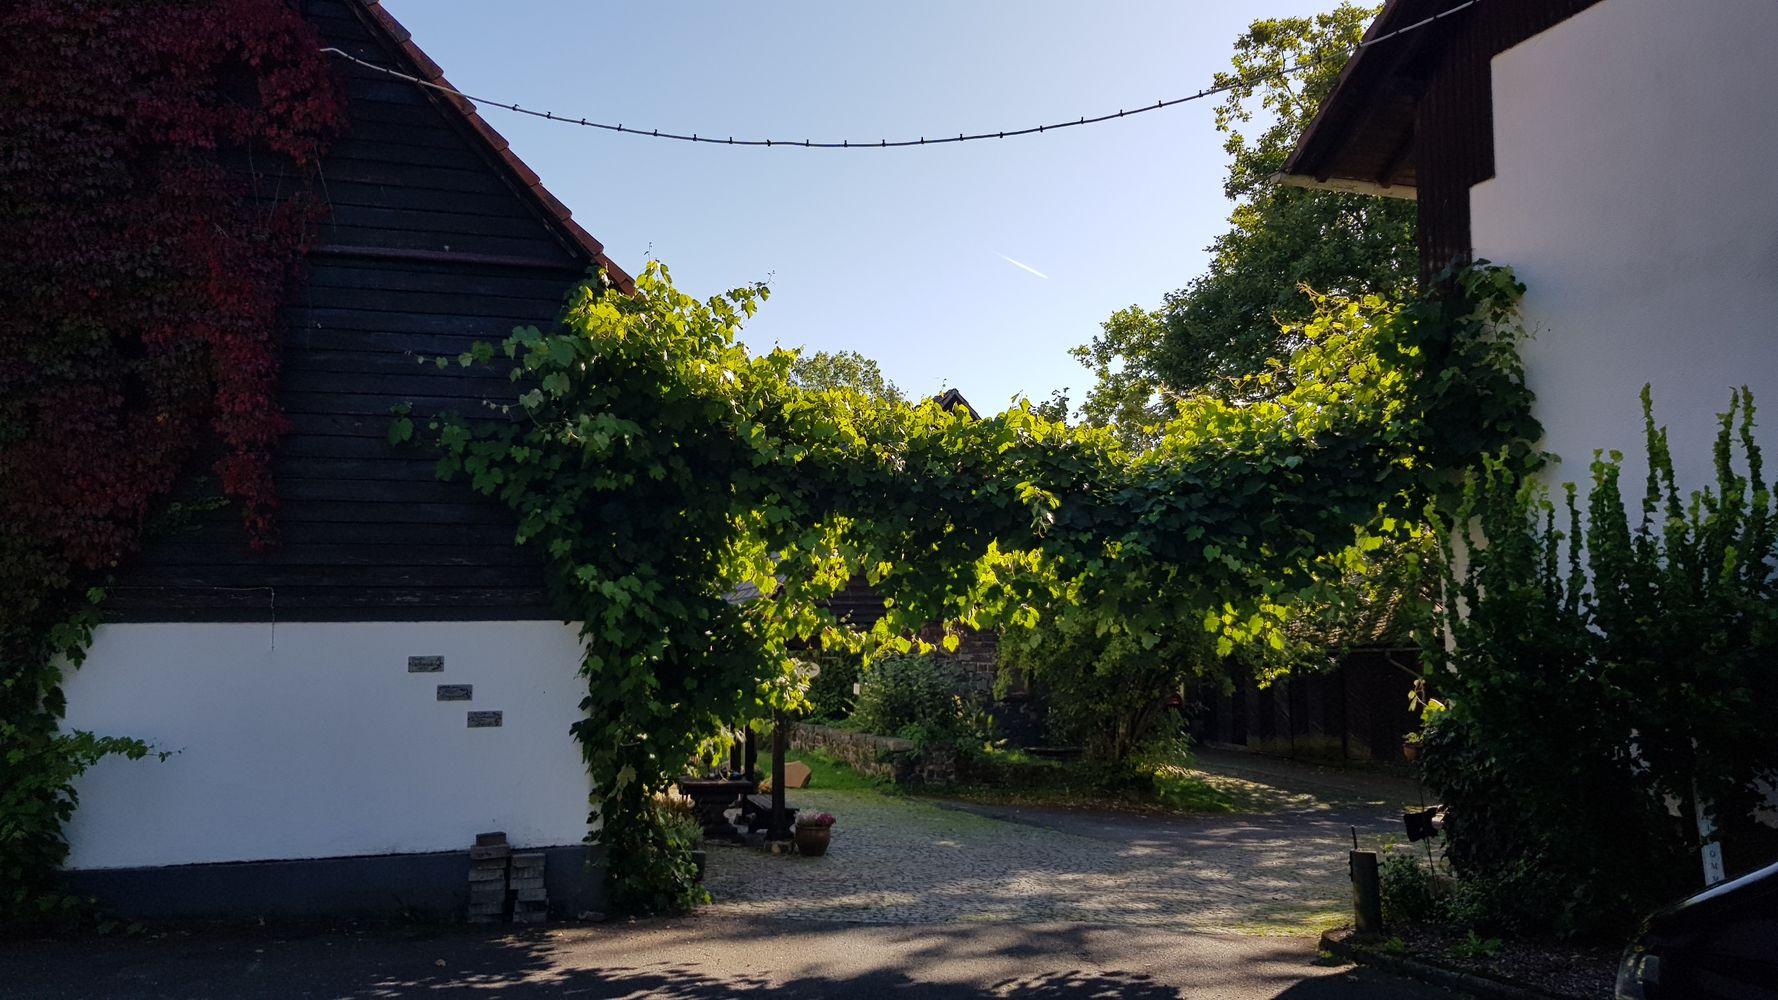 Hofgut Dapprich - Graf Johann von Nassau-Hadamar wandelte das Dorf 1637 in einen Hof um